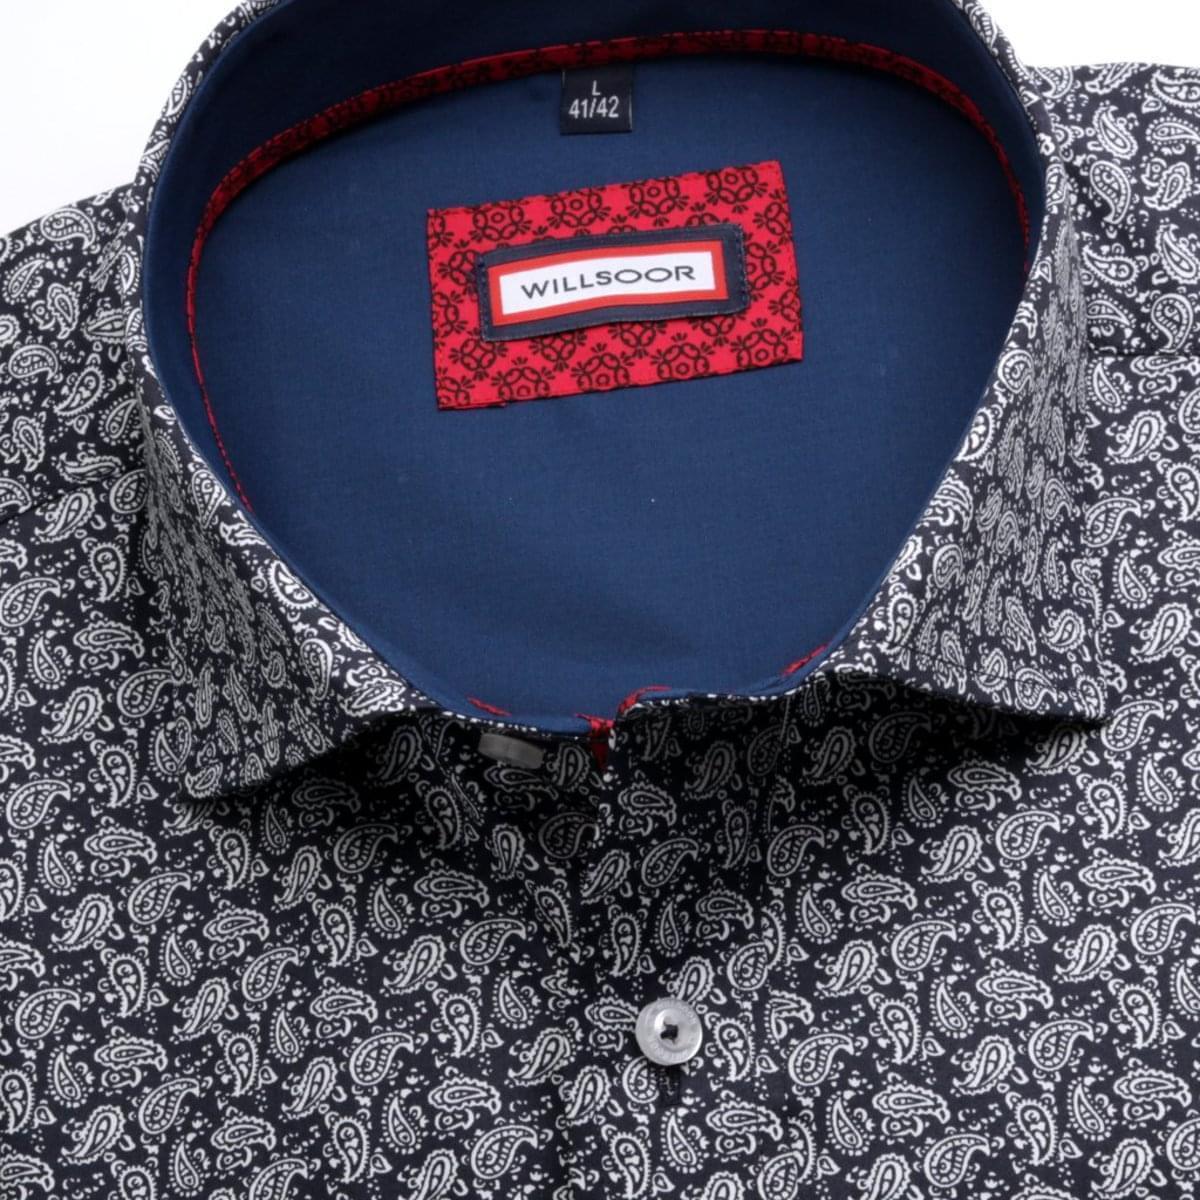 Pánská slim fit košile (výška 188-194) 6977 v černé barvě s formulí Easy Care 188-194 / M (39/40)